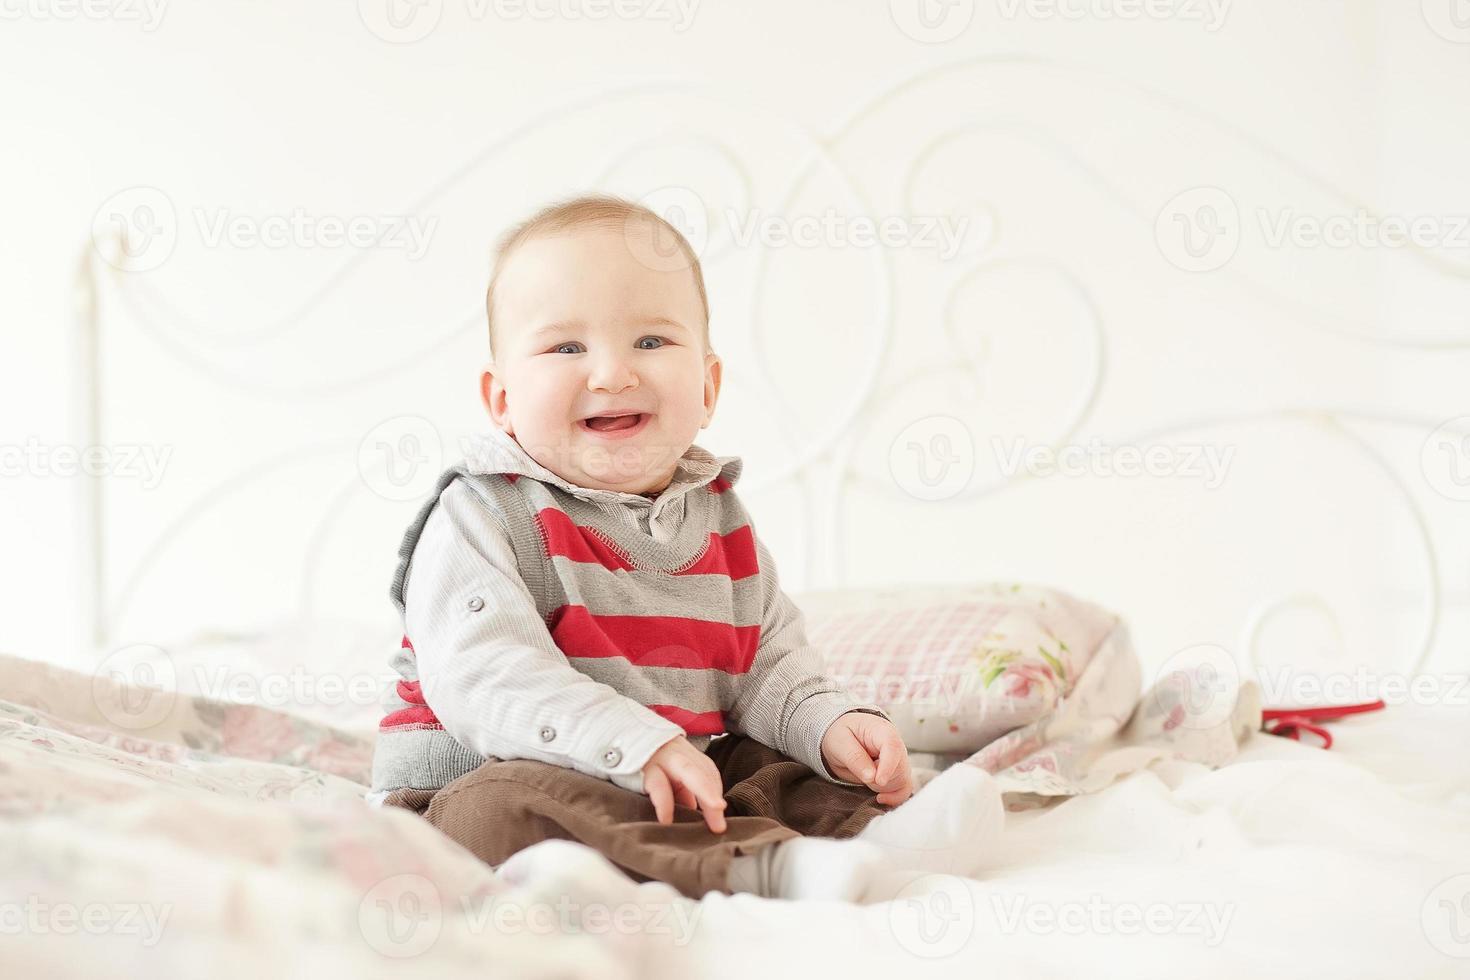 kleiner Junge spielt im weißen Studio foto